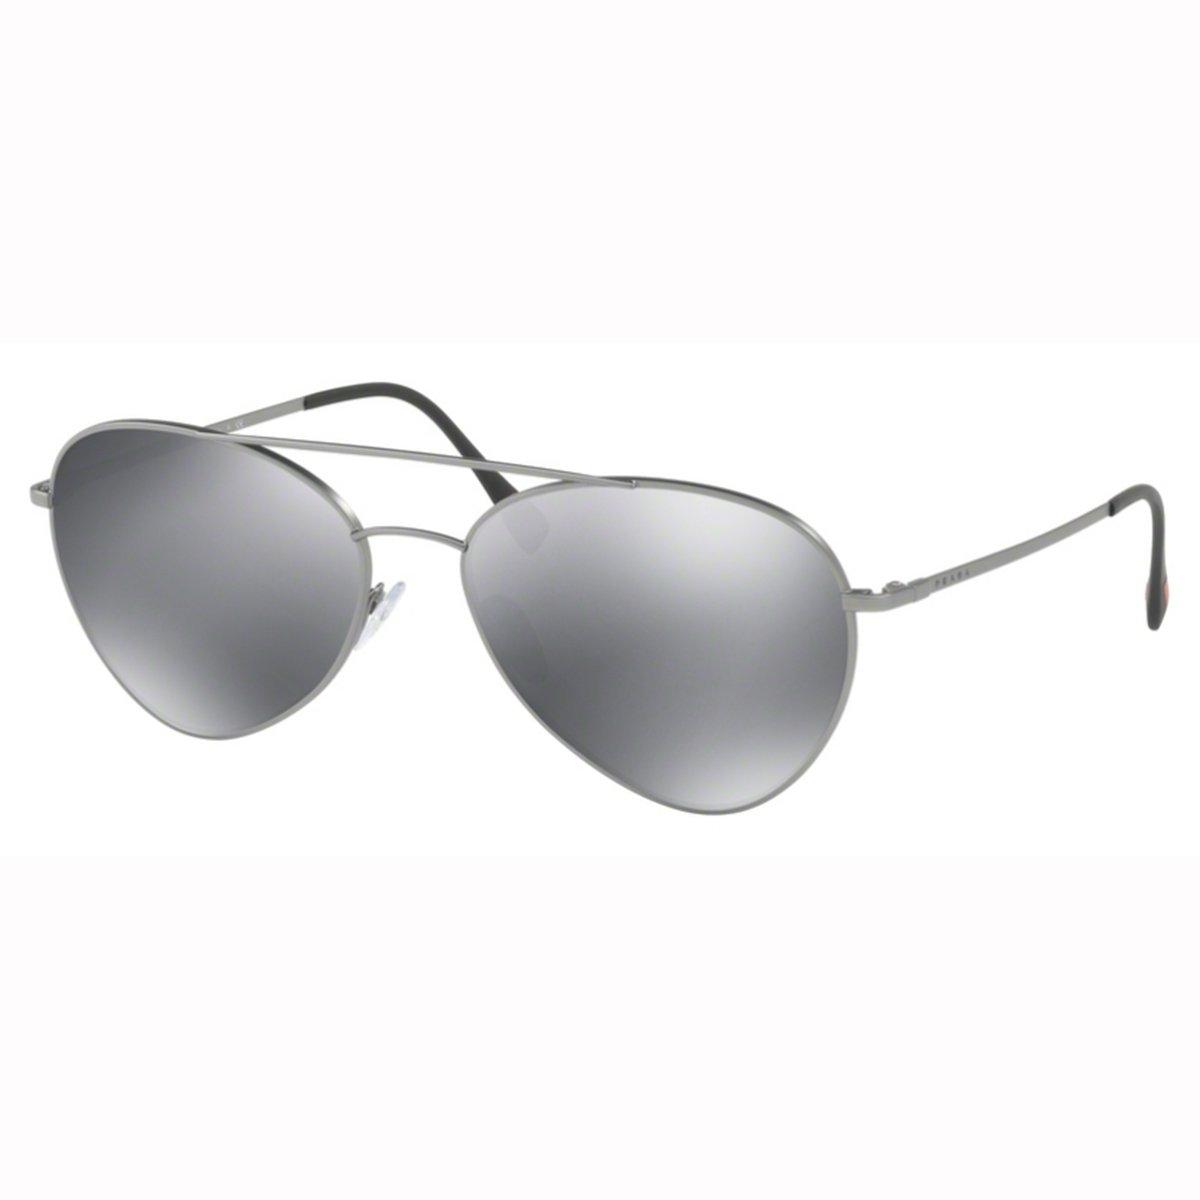 dc62c9995 Compre Óculos de Sol Prada em 10X   Tri-Jóia Shop